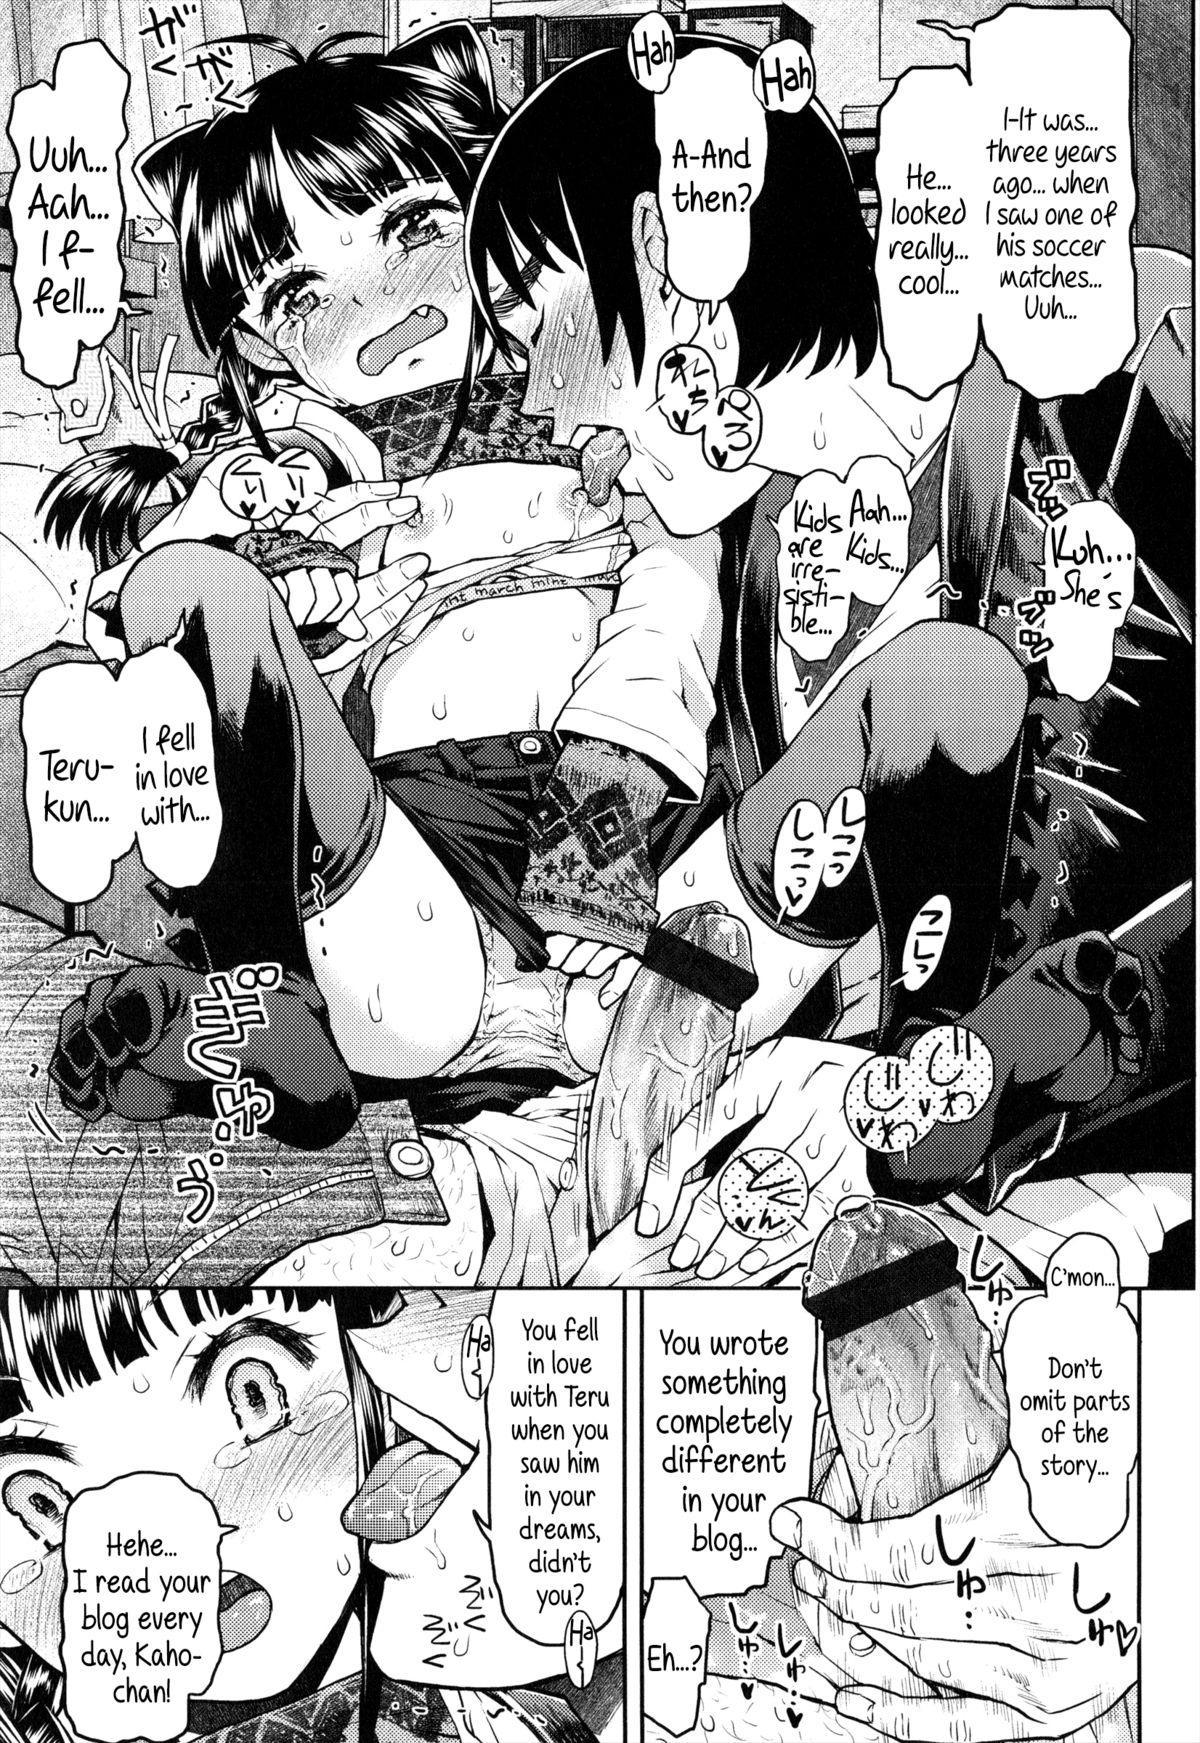 [Minasuki Popuri] Teru-kun ni Aitai   I want to meet up with Teru-kun [English] {5 a.m.} 12